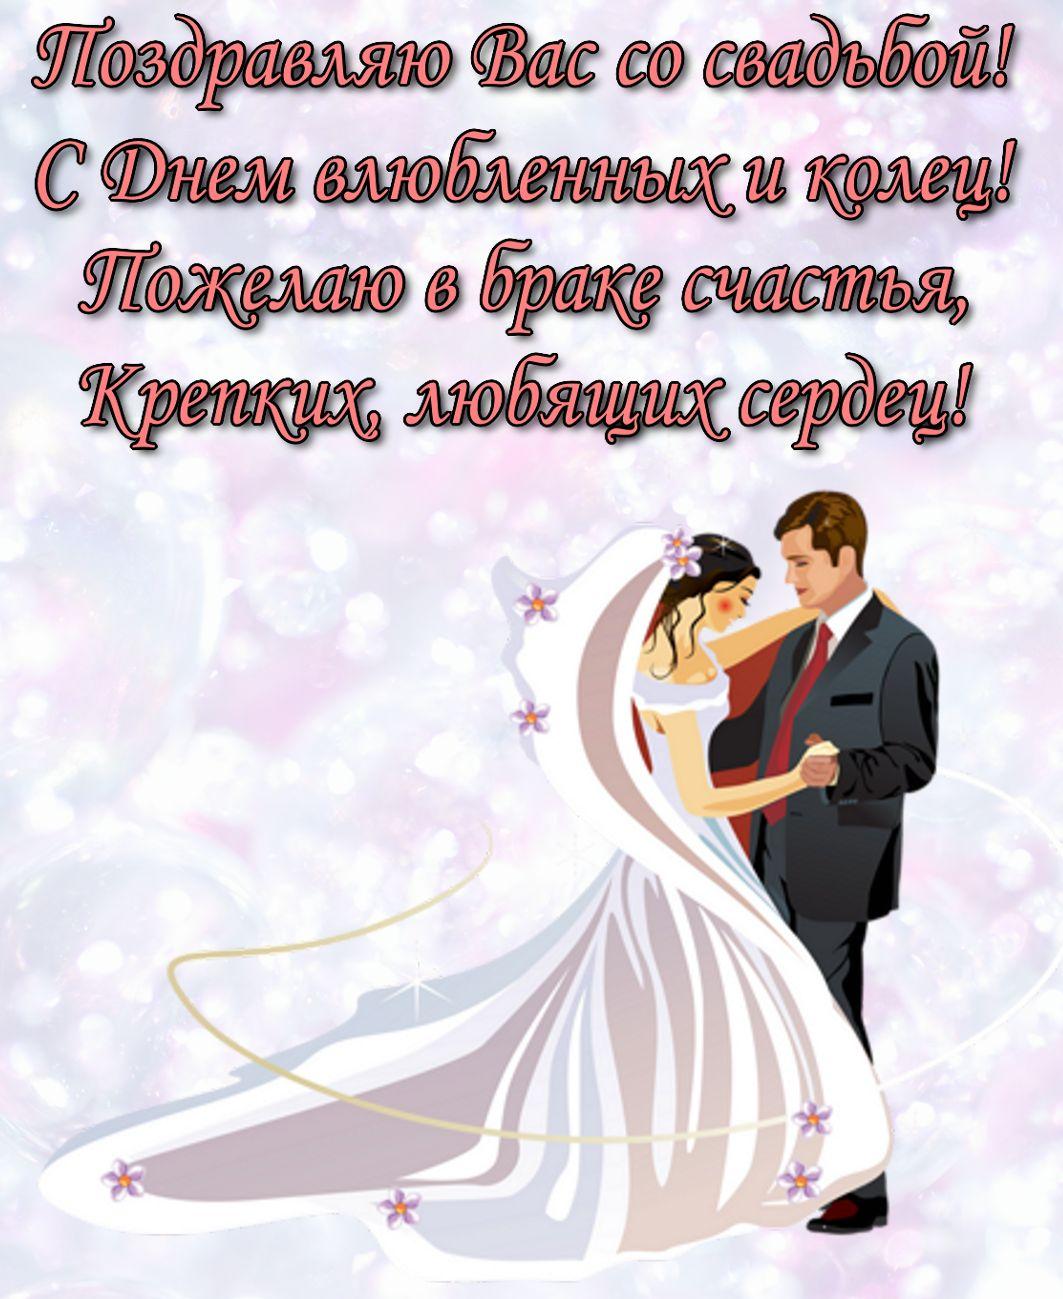 Большие поздравление на свадьбе